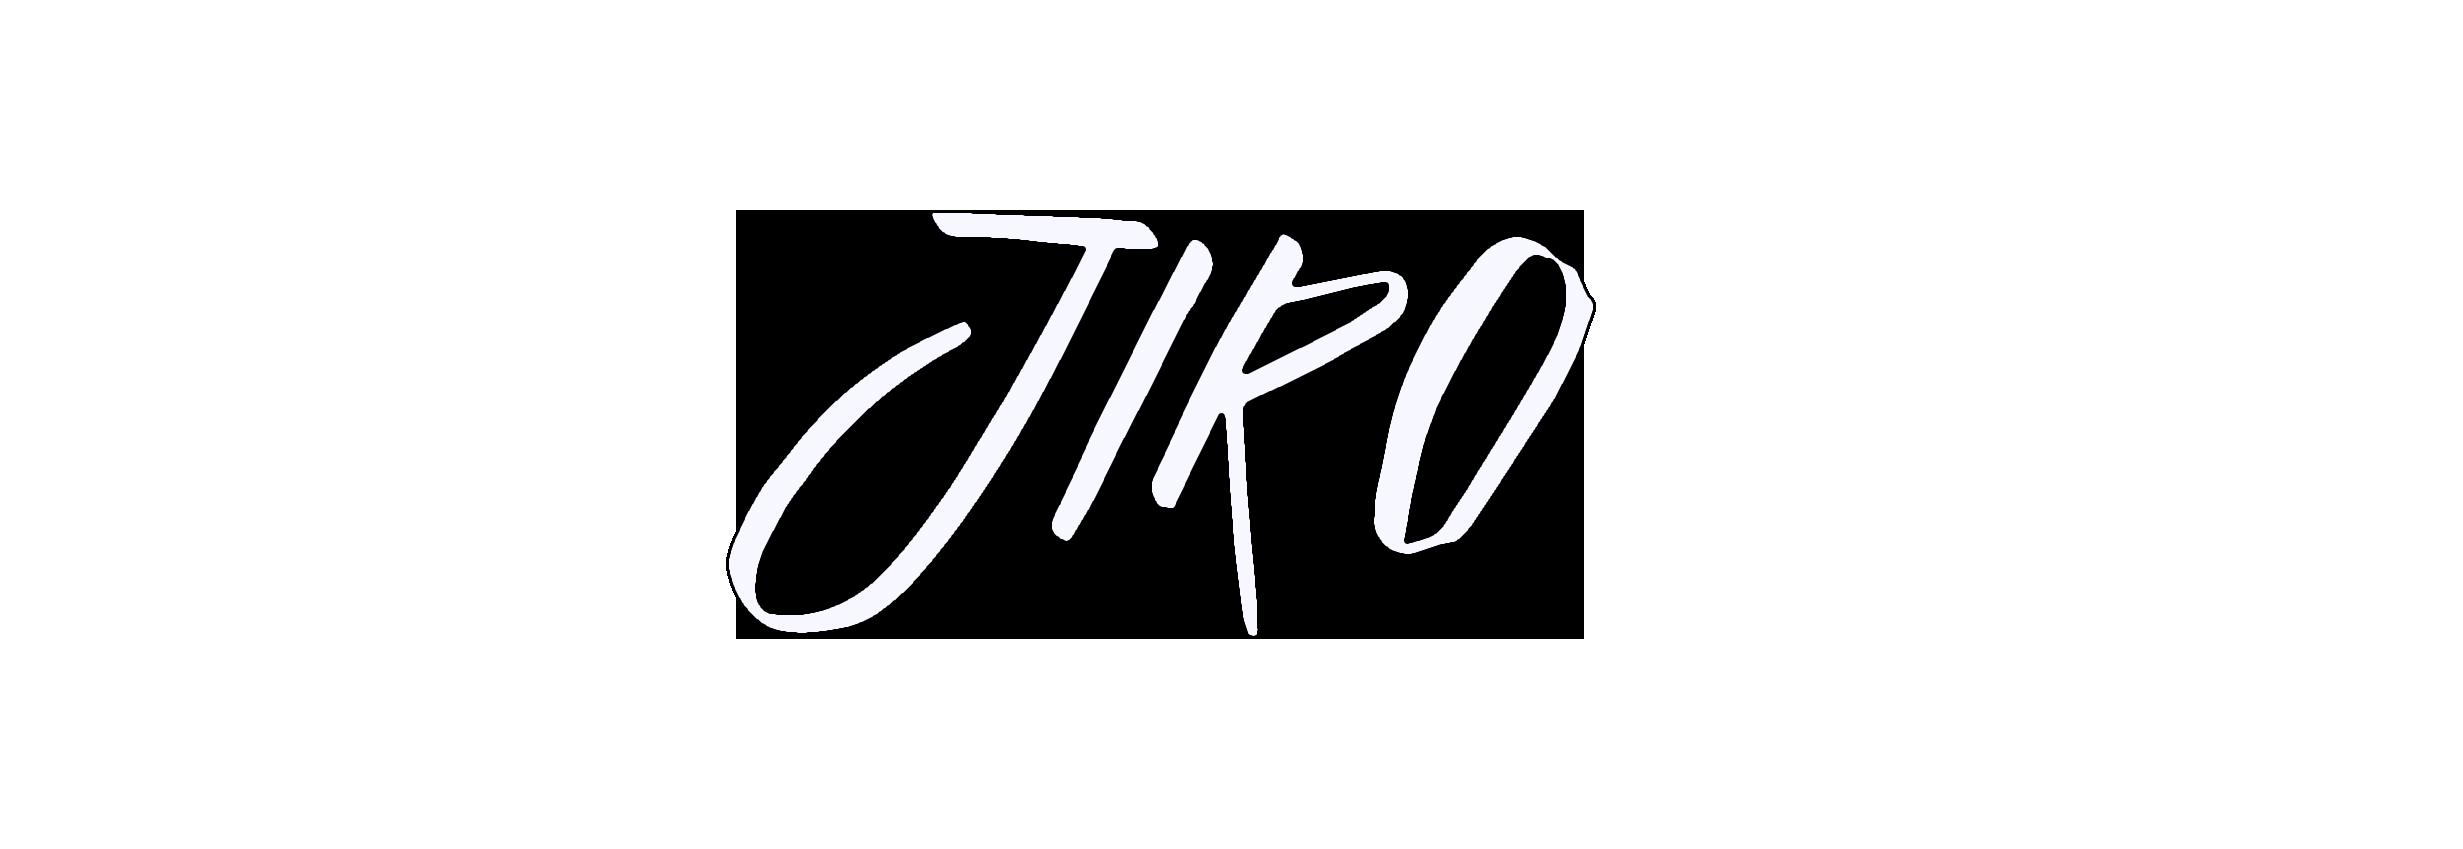 JIRO LOGO STROKE